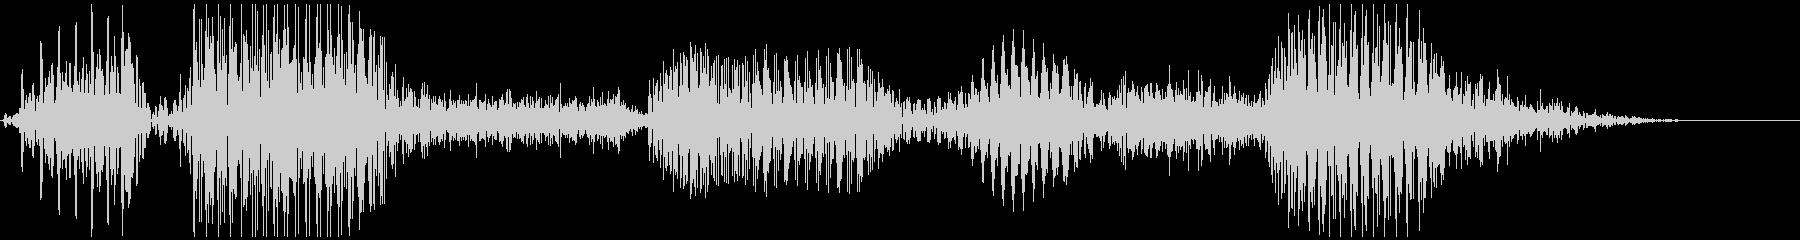 「いらっしゃいませ」システムボイスにの未再生の波形